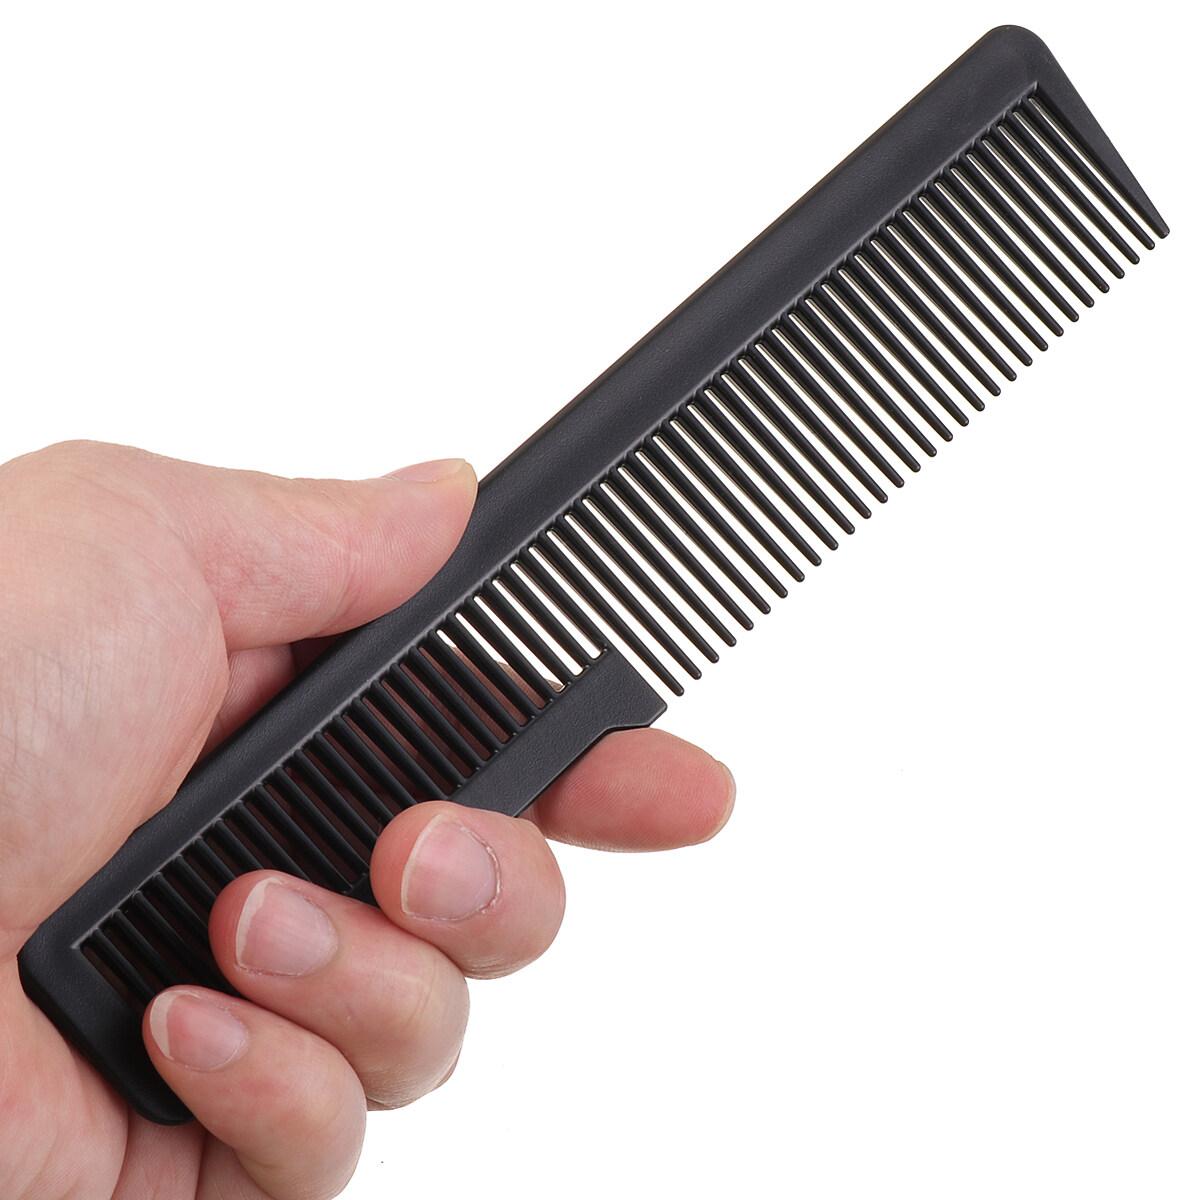 1 Bộ Làm Tóc Chuyên Nghiệp Nhựa Cắt Tóc Lược Thiết Kế Mới Bền Salon Tóc Cắt Tỉa Lược Làm Tóc Dụng Cụ